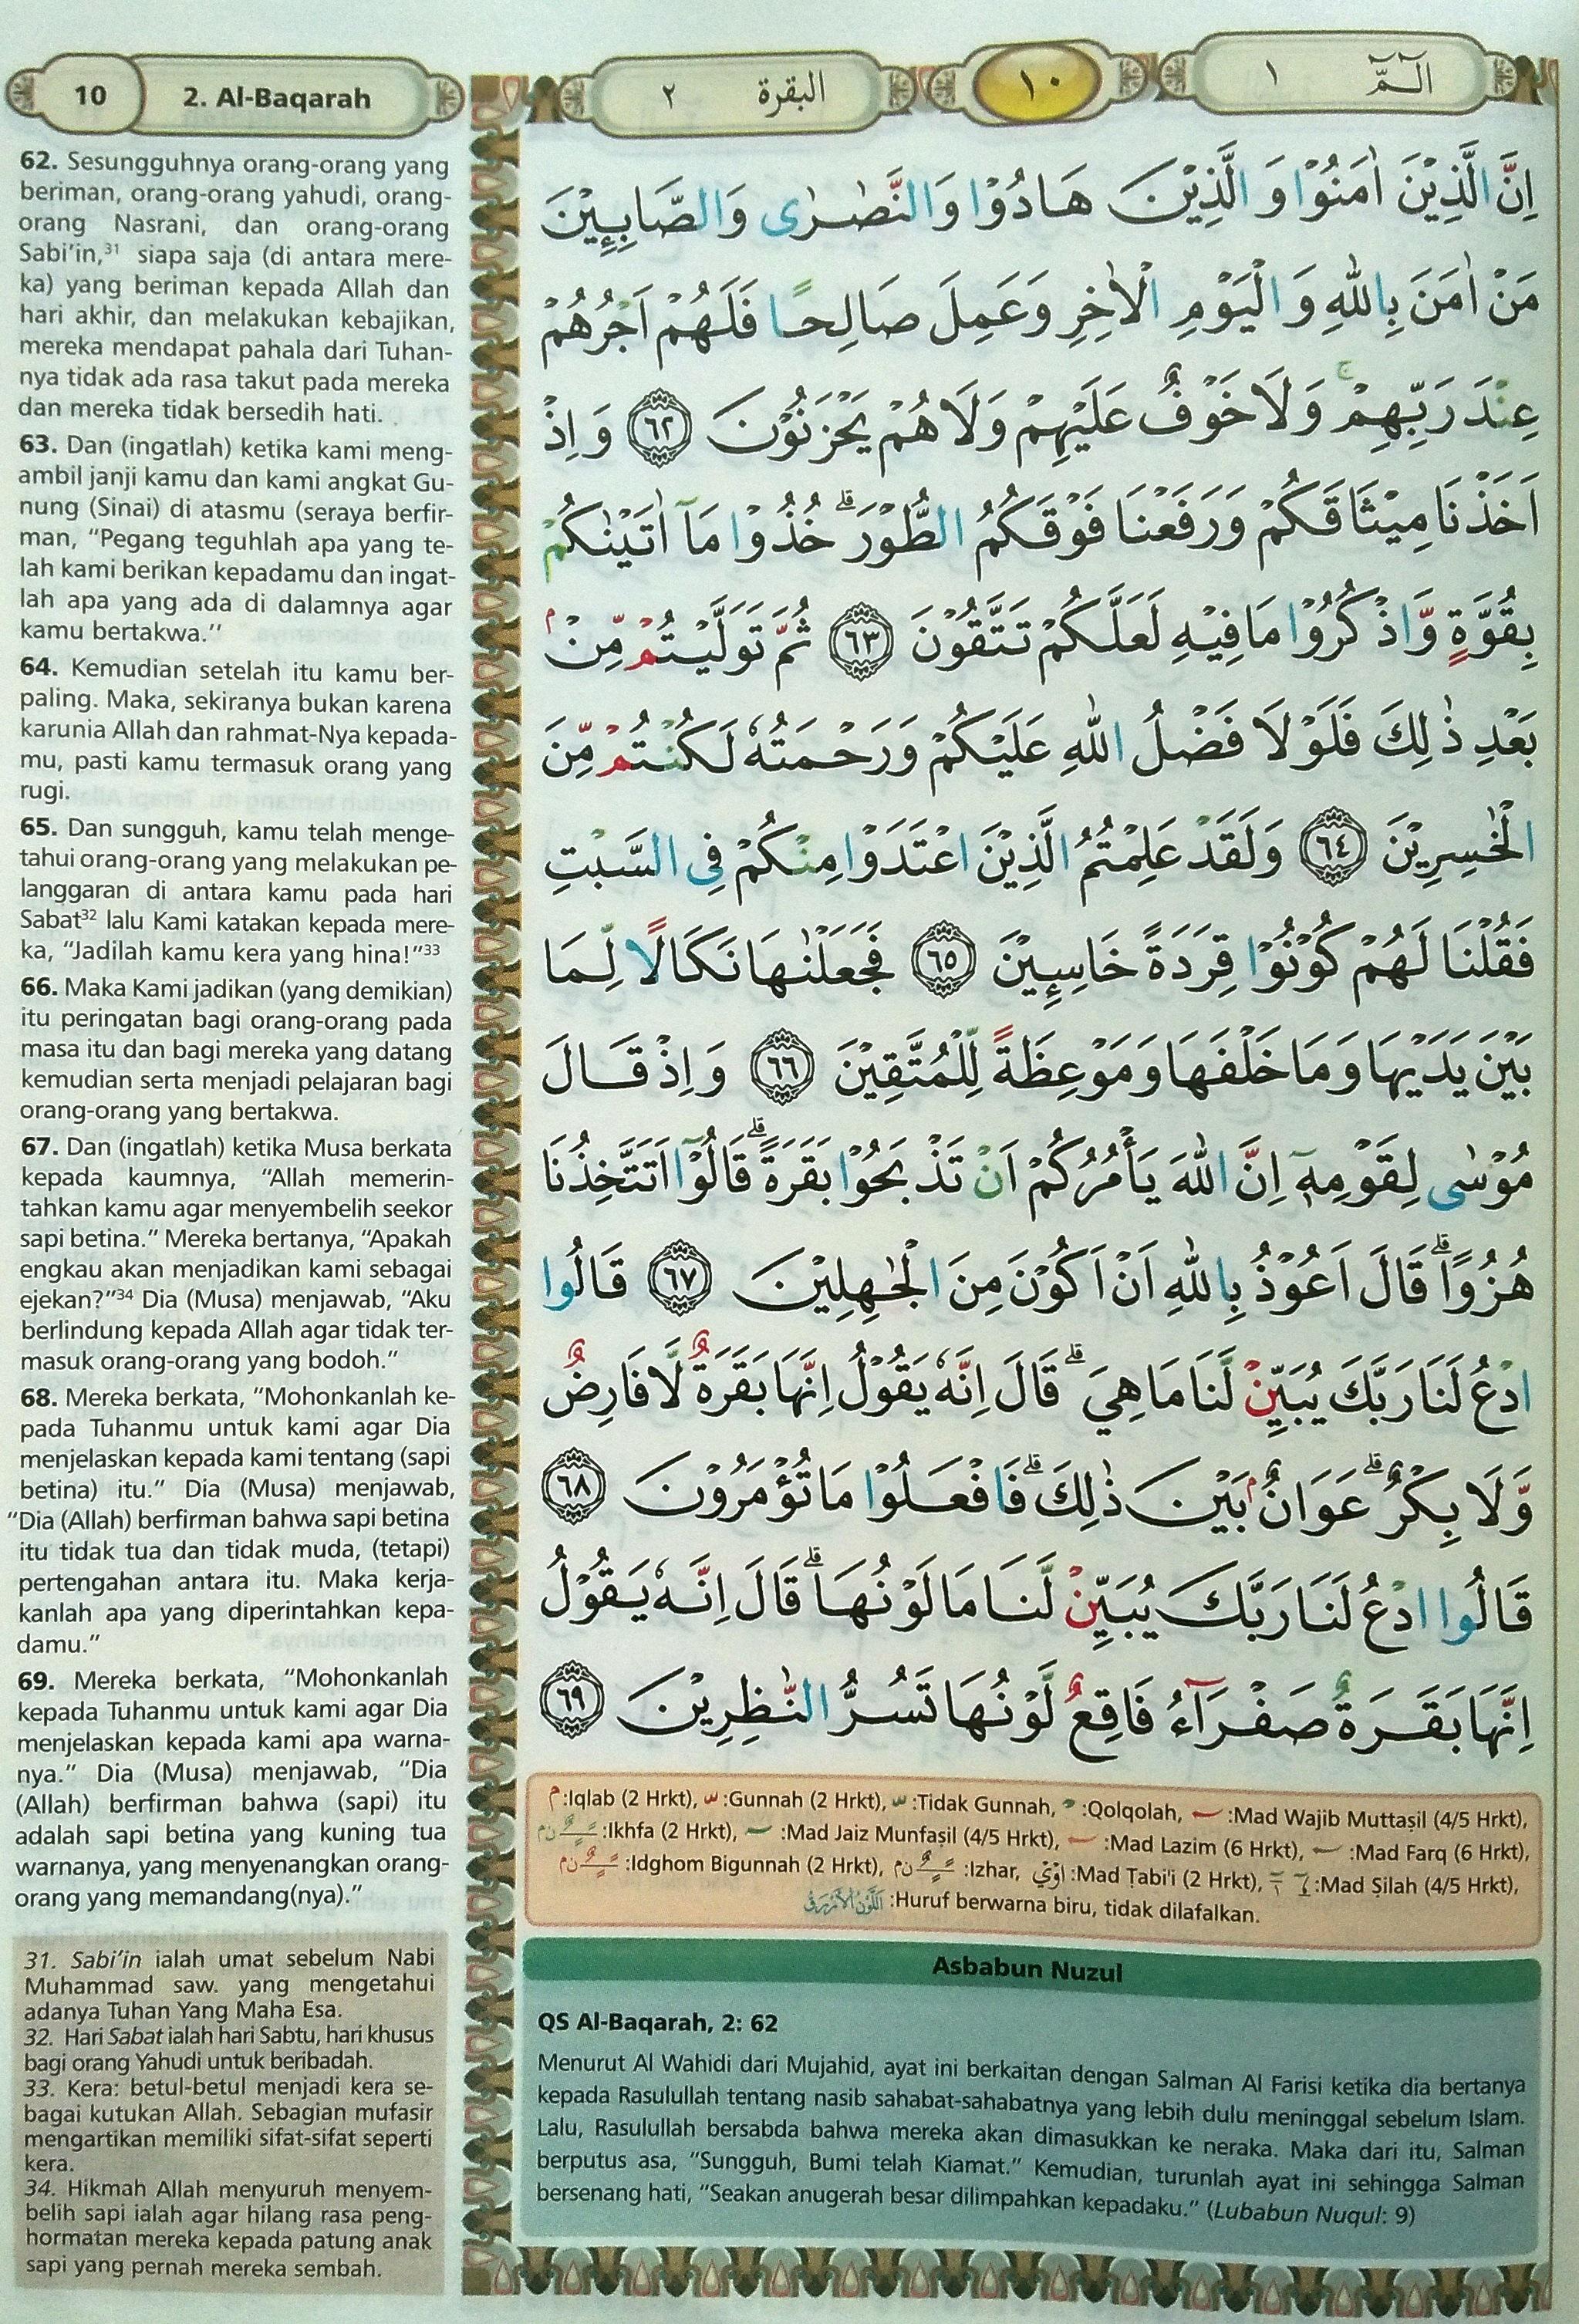 Al Baqarah 62-69